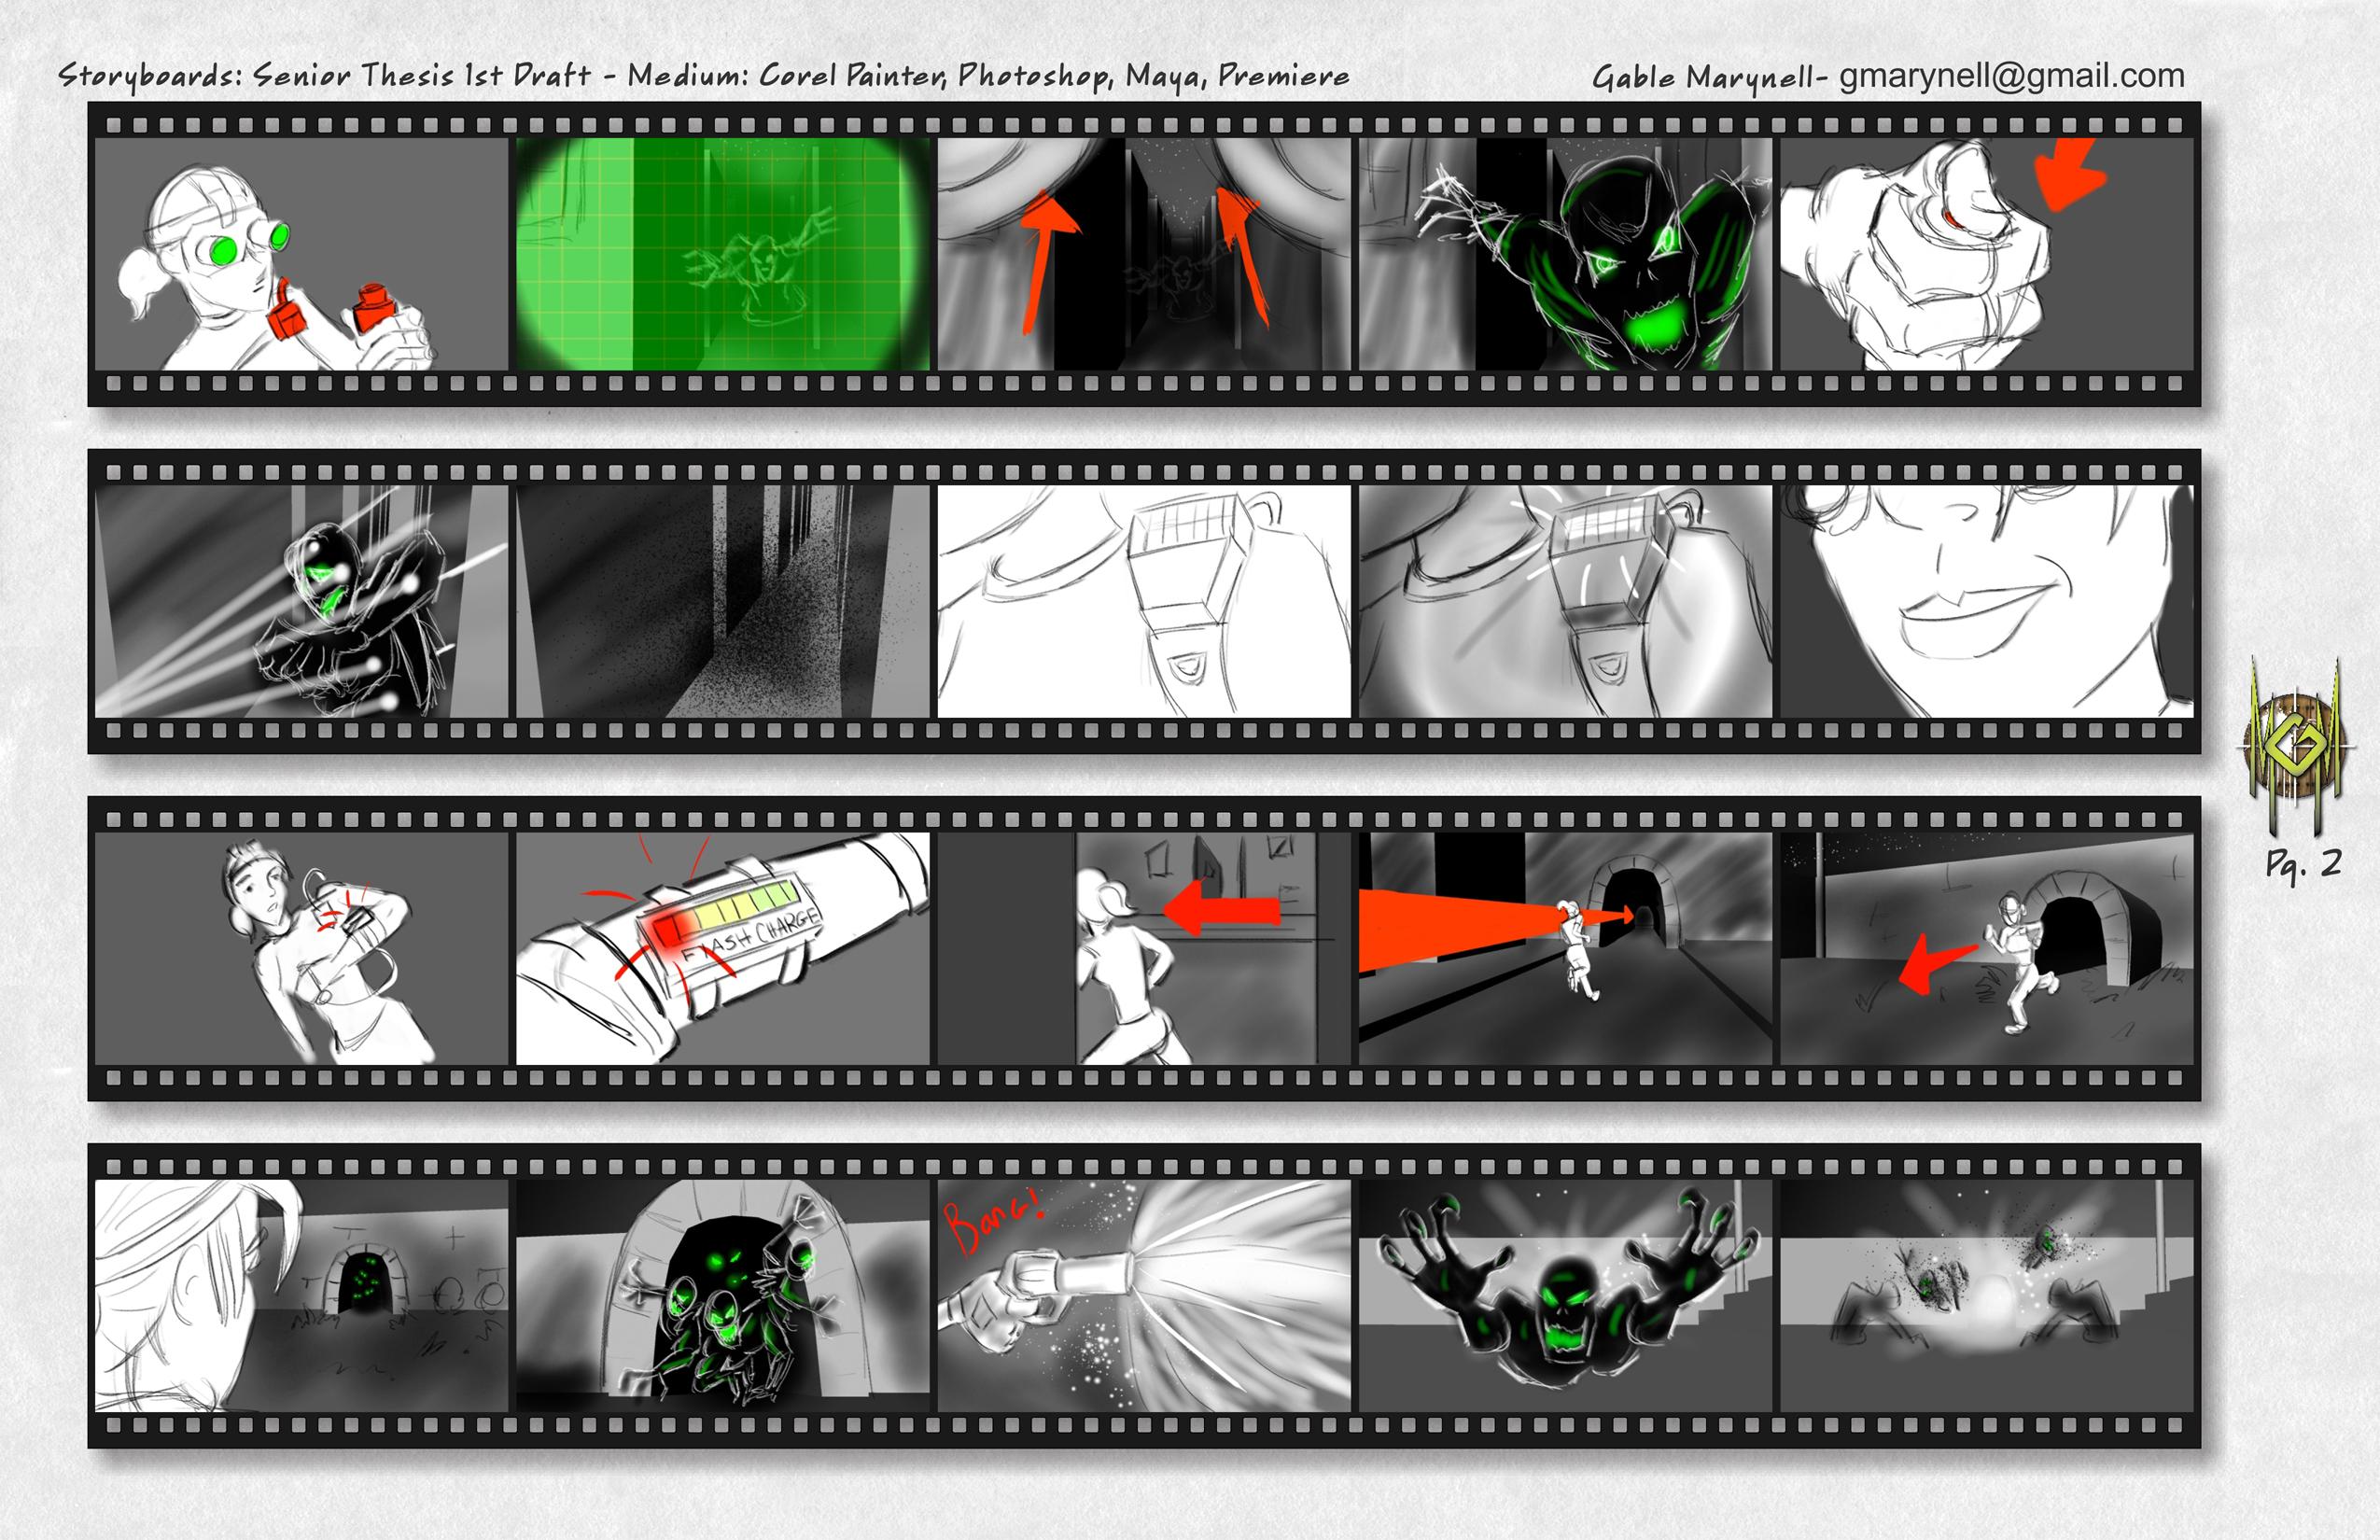 Thesis_1stDraft_Boards-2.jpg